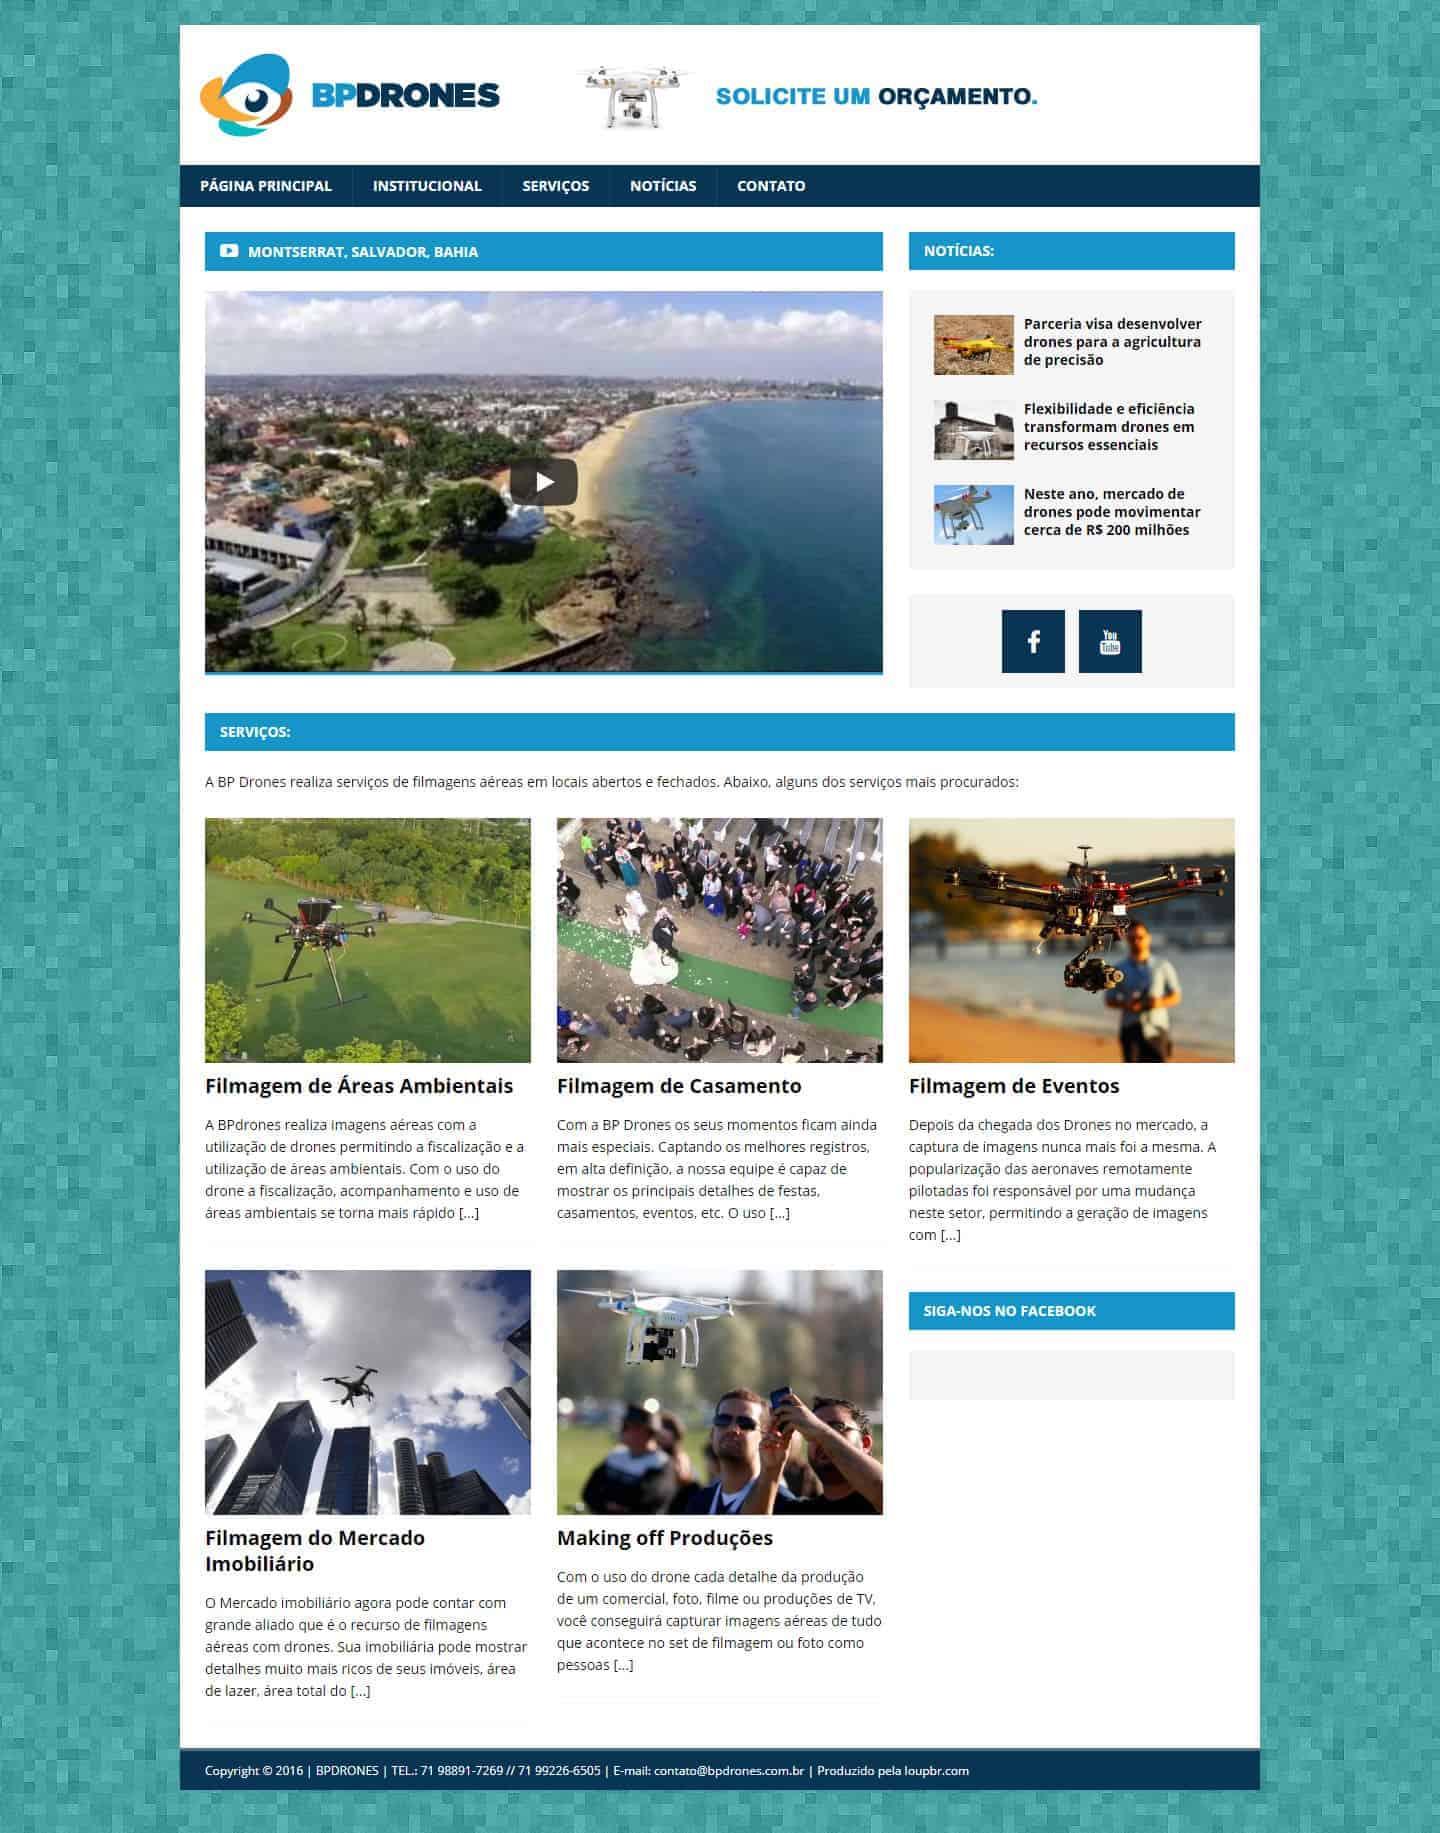 Página principal da BP Drones.